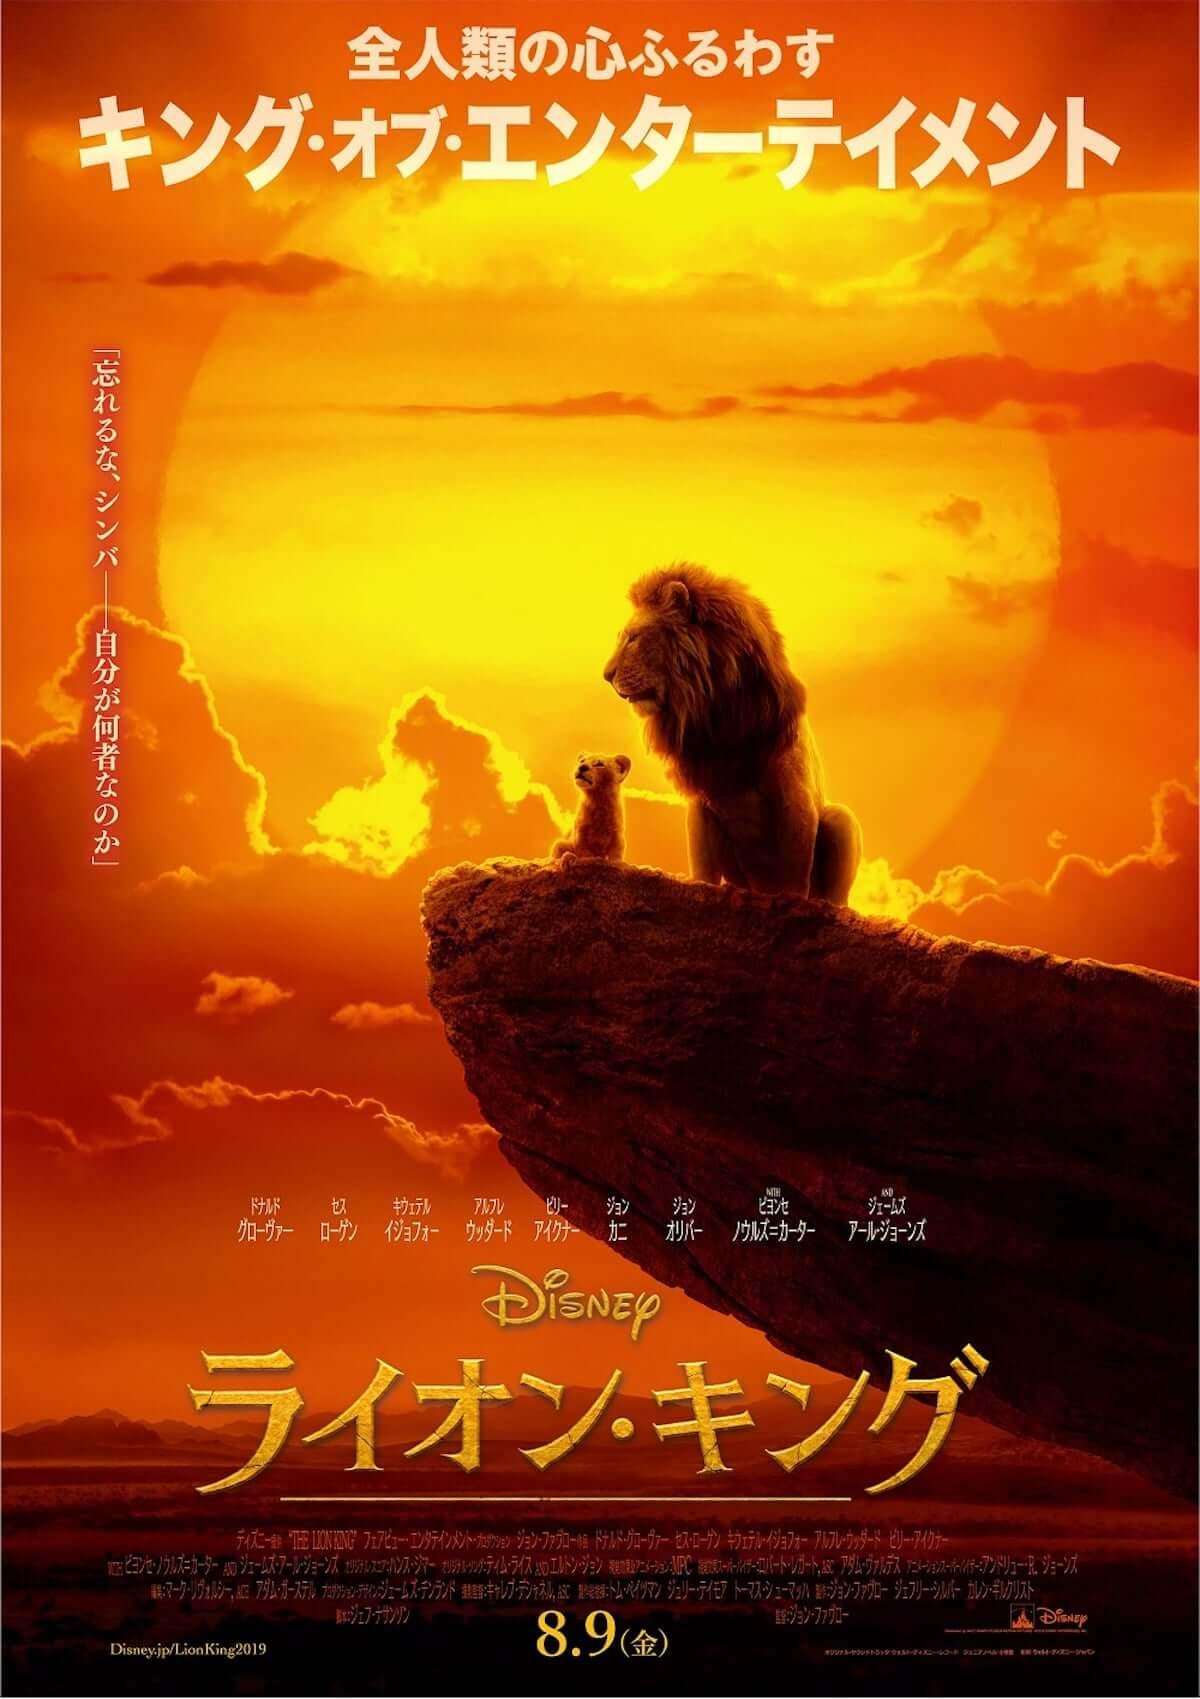 ムファサ&シンバ親子が静かに佇む『ライオン・キング』日本版ポスターが解禁! film190423_lionking_main-1200x1699